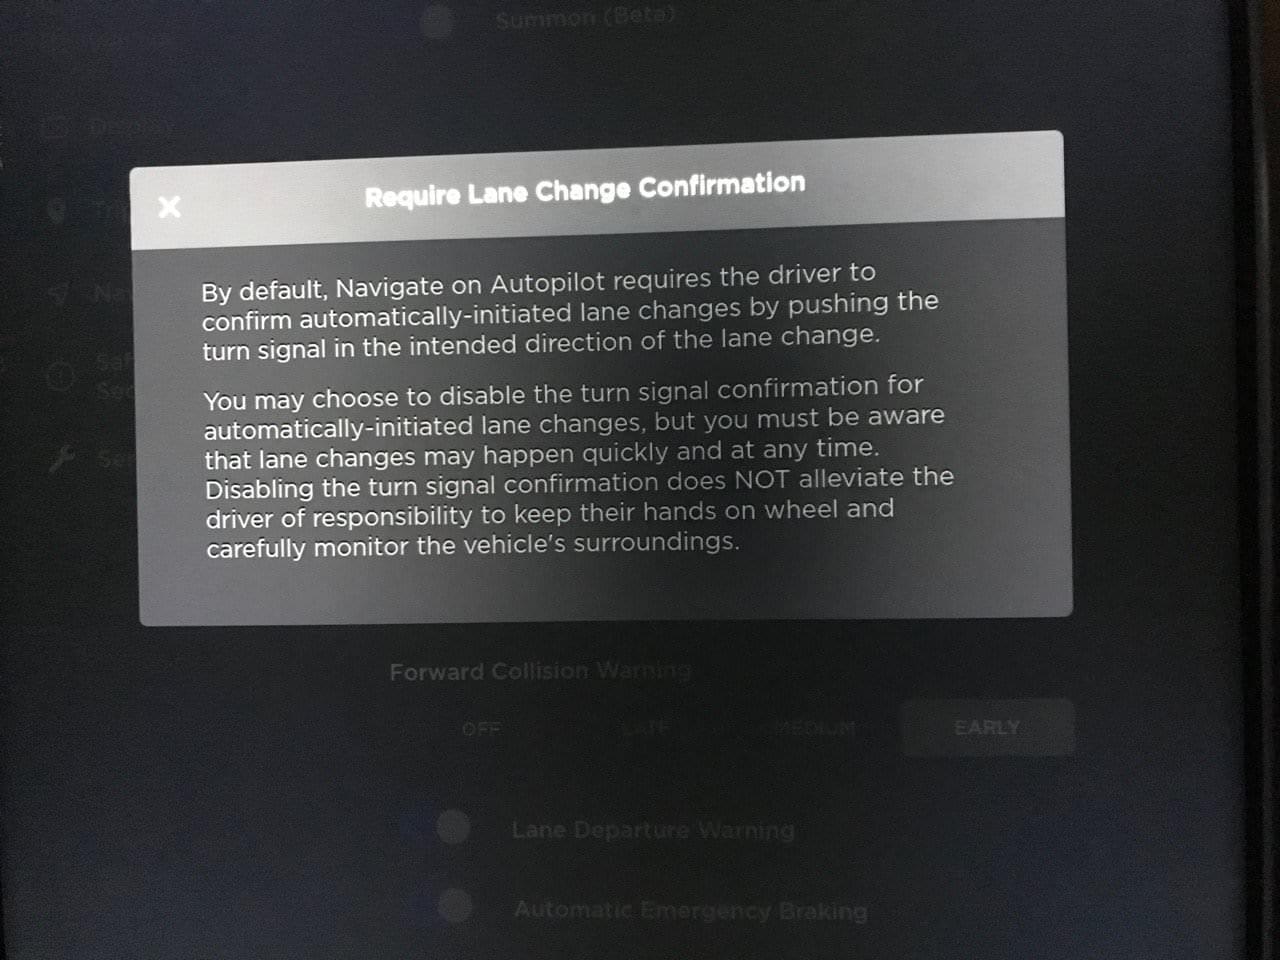 tesla software update 9 (1)